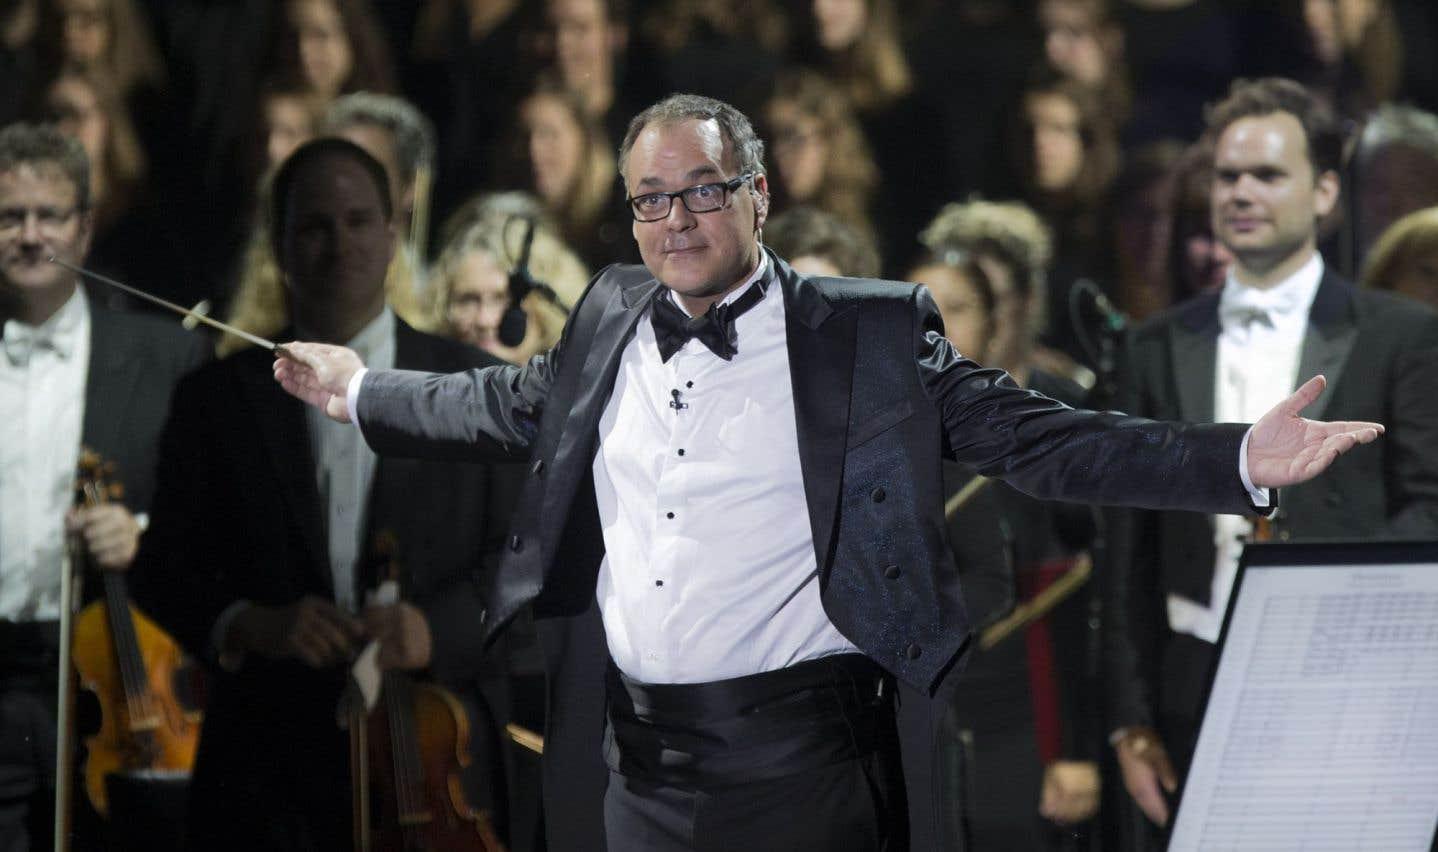 Le chef d'orchestre Simon Leclerc.